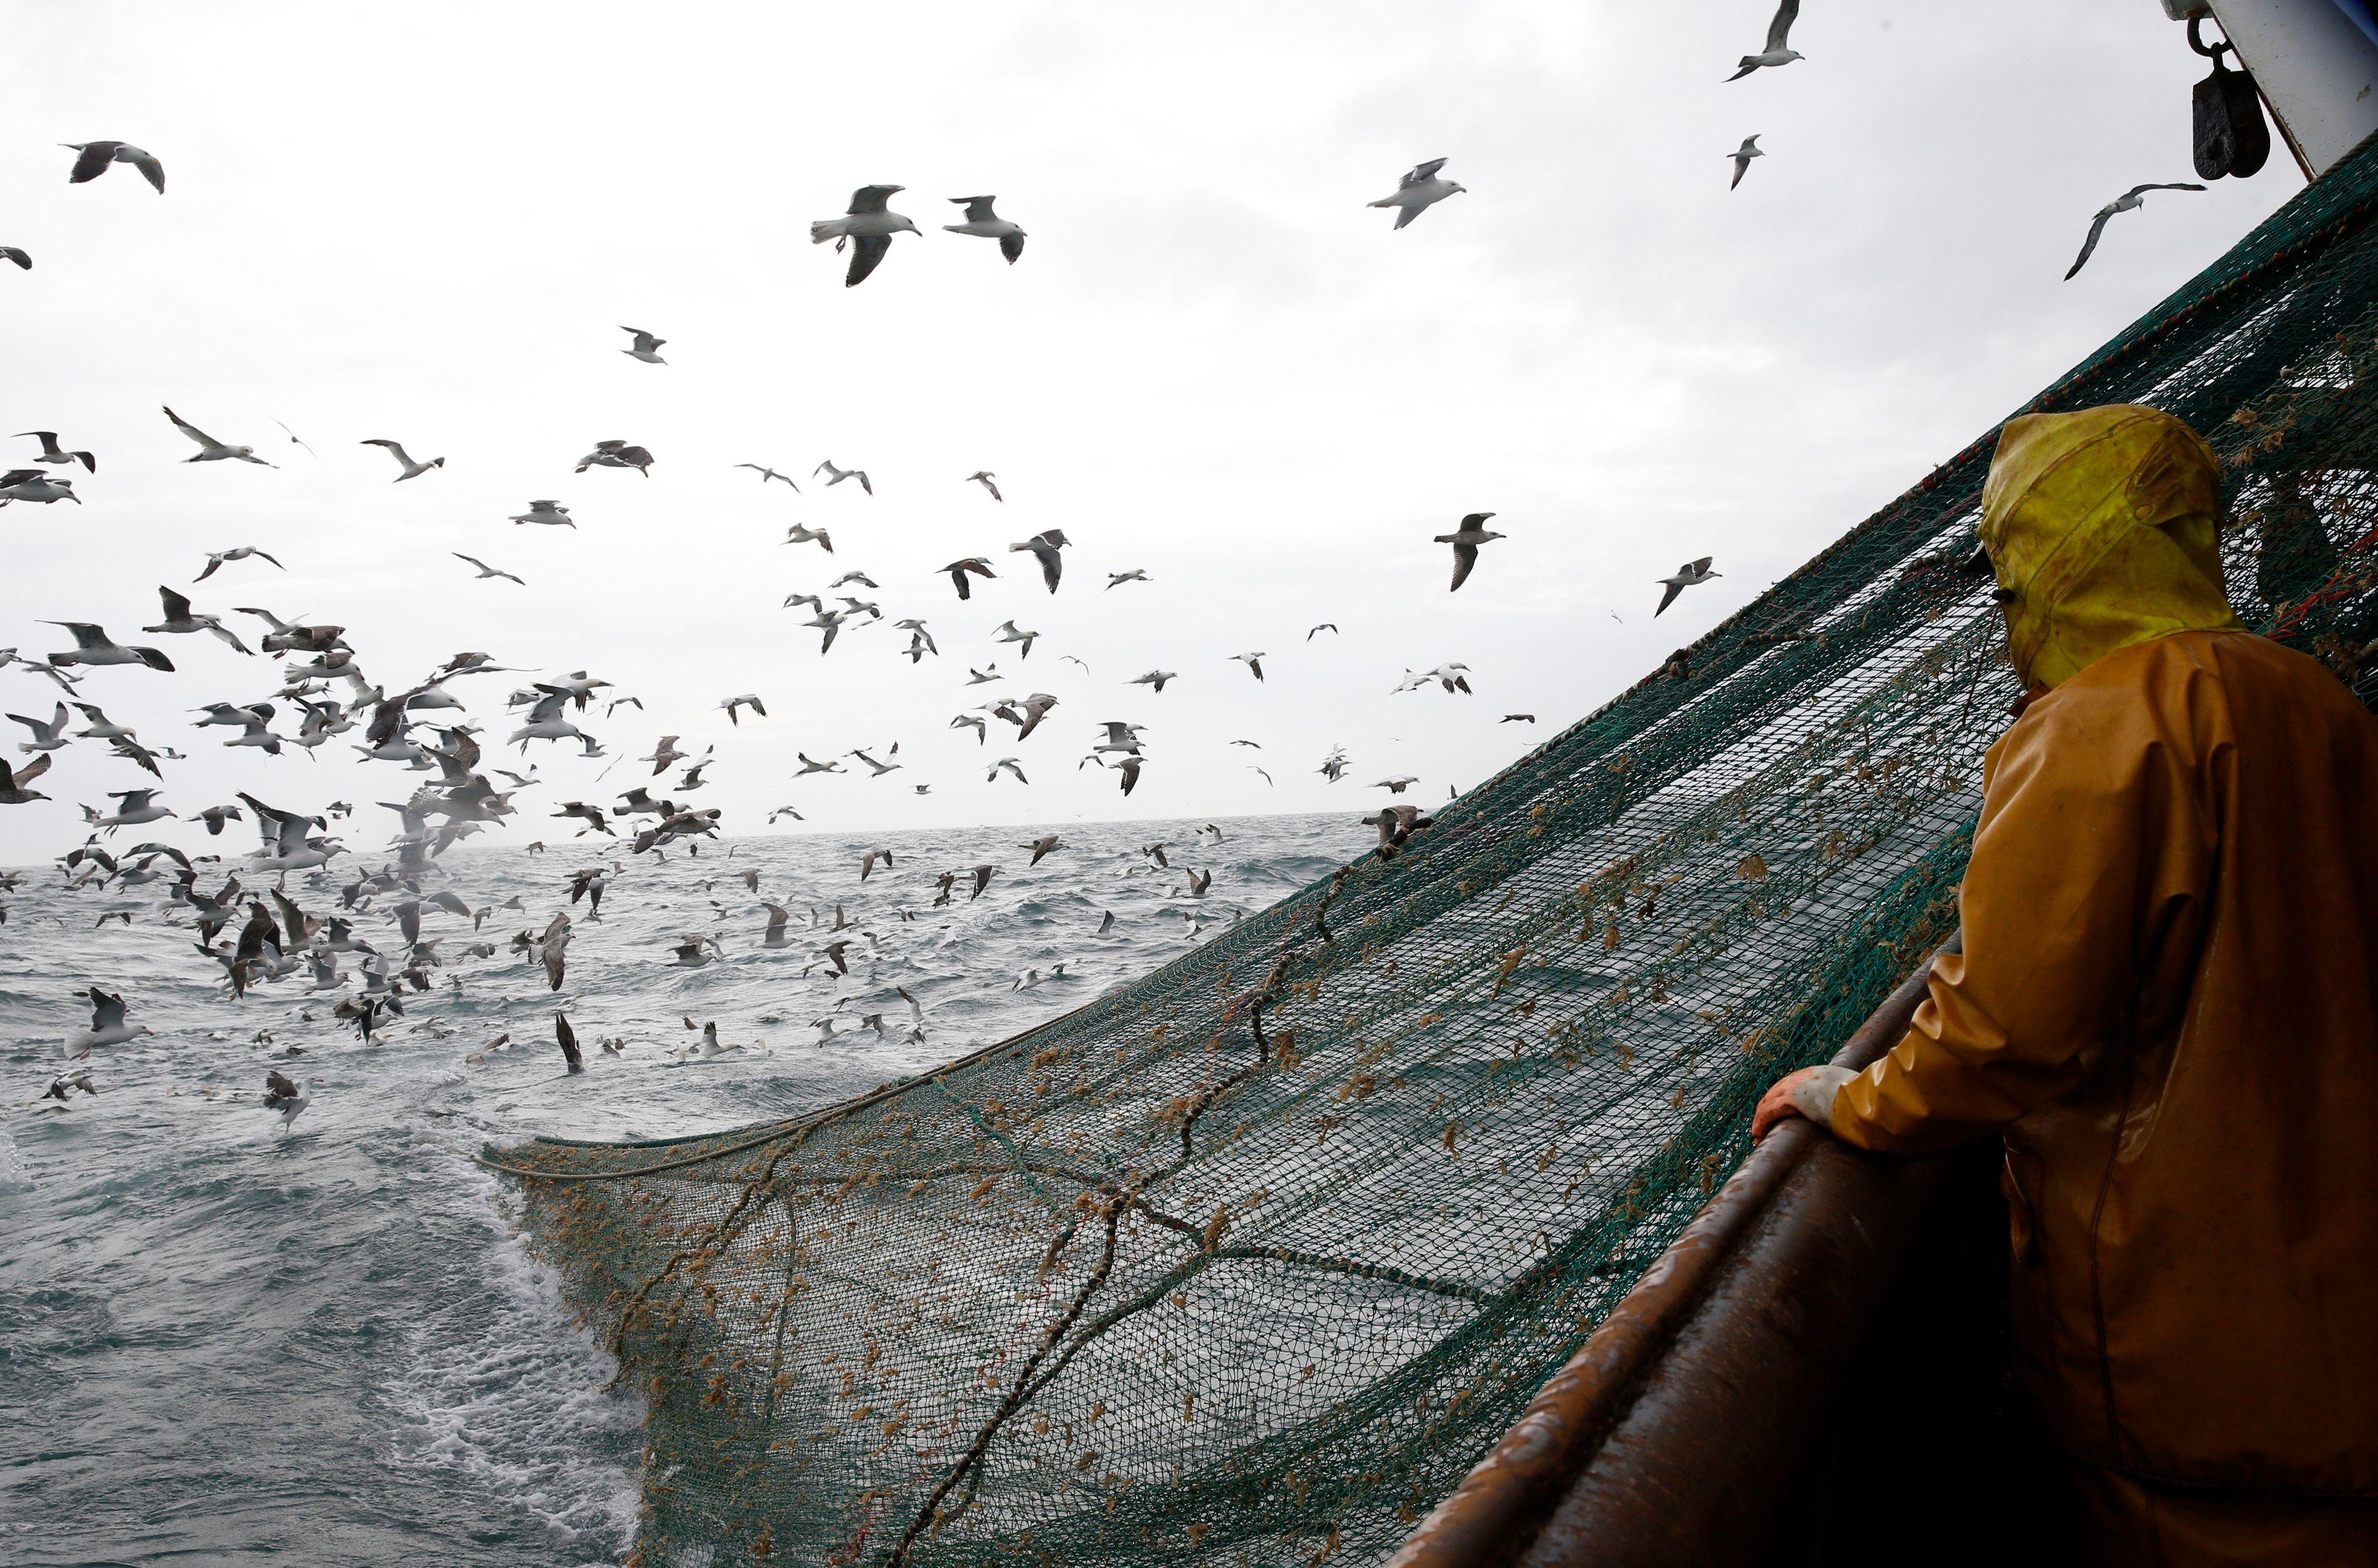 Le retour de la morue des Grands Bancs au large de la Terre-Neuve : un exemple à suivre pour le sauvetage de la vie des espèces